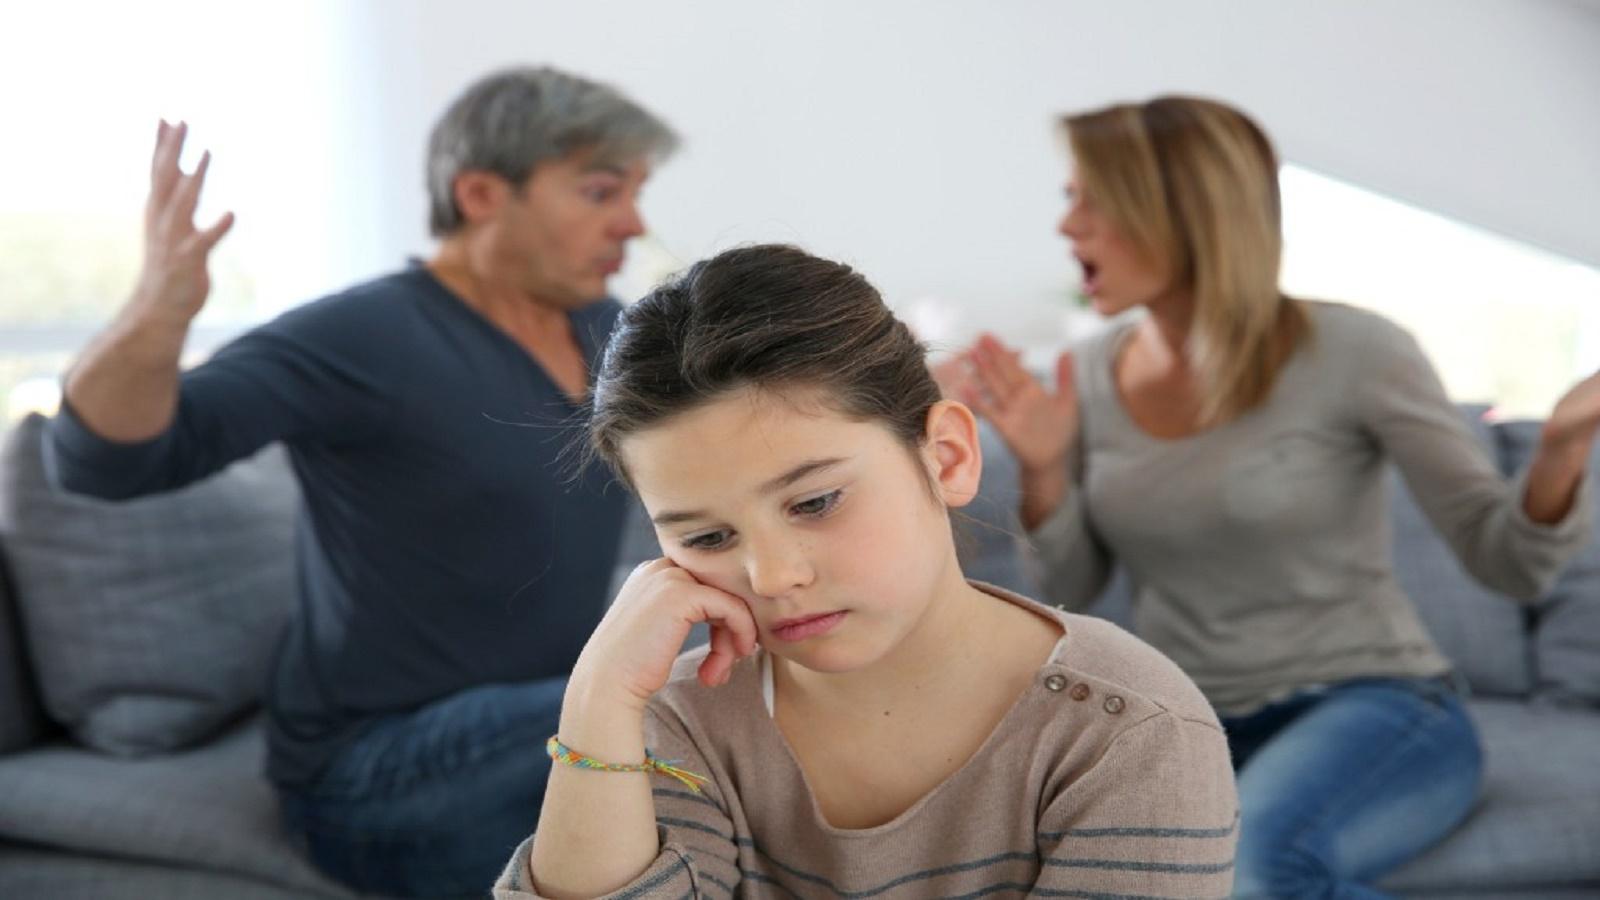 Señales que indican que tu familia necesita ayuda profesional